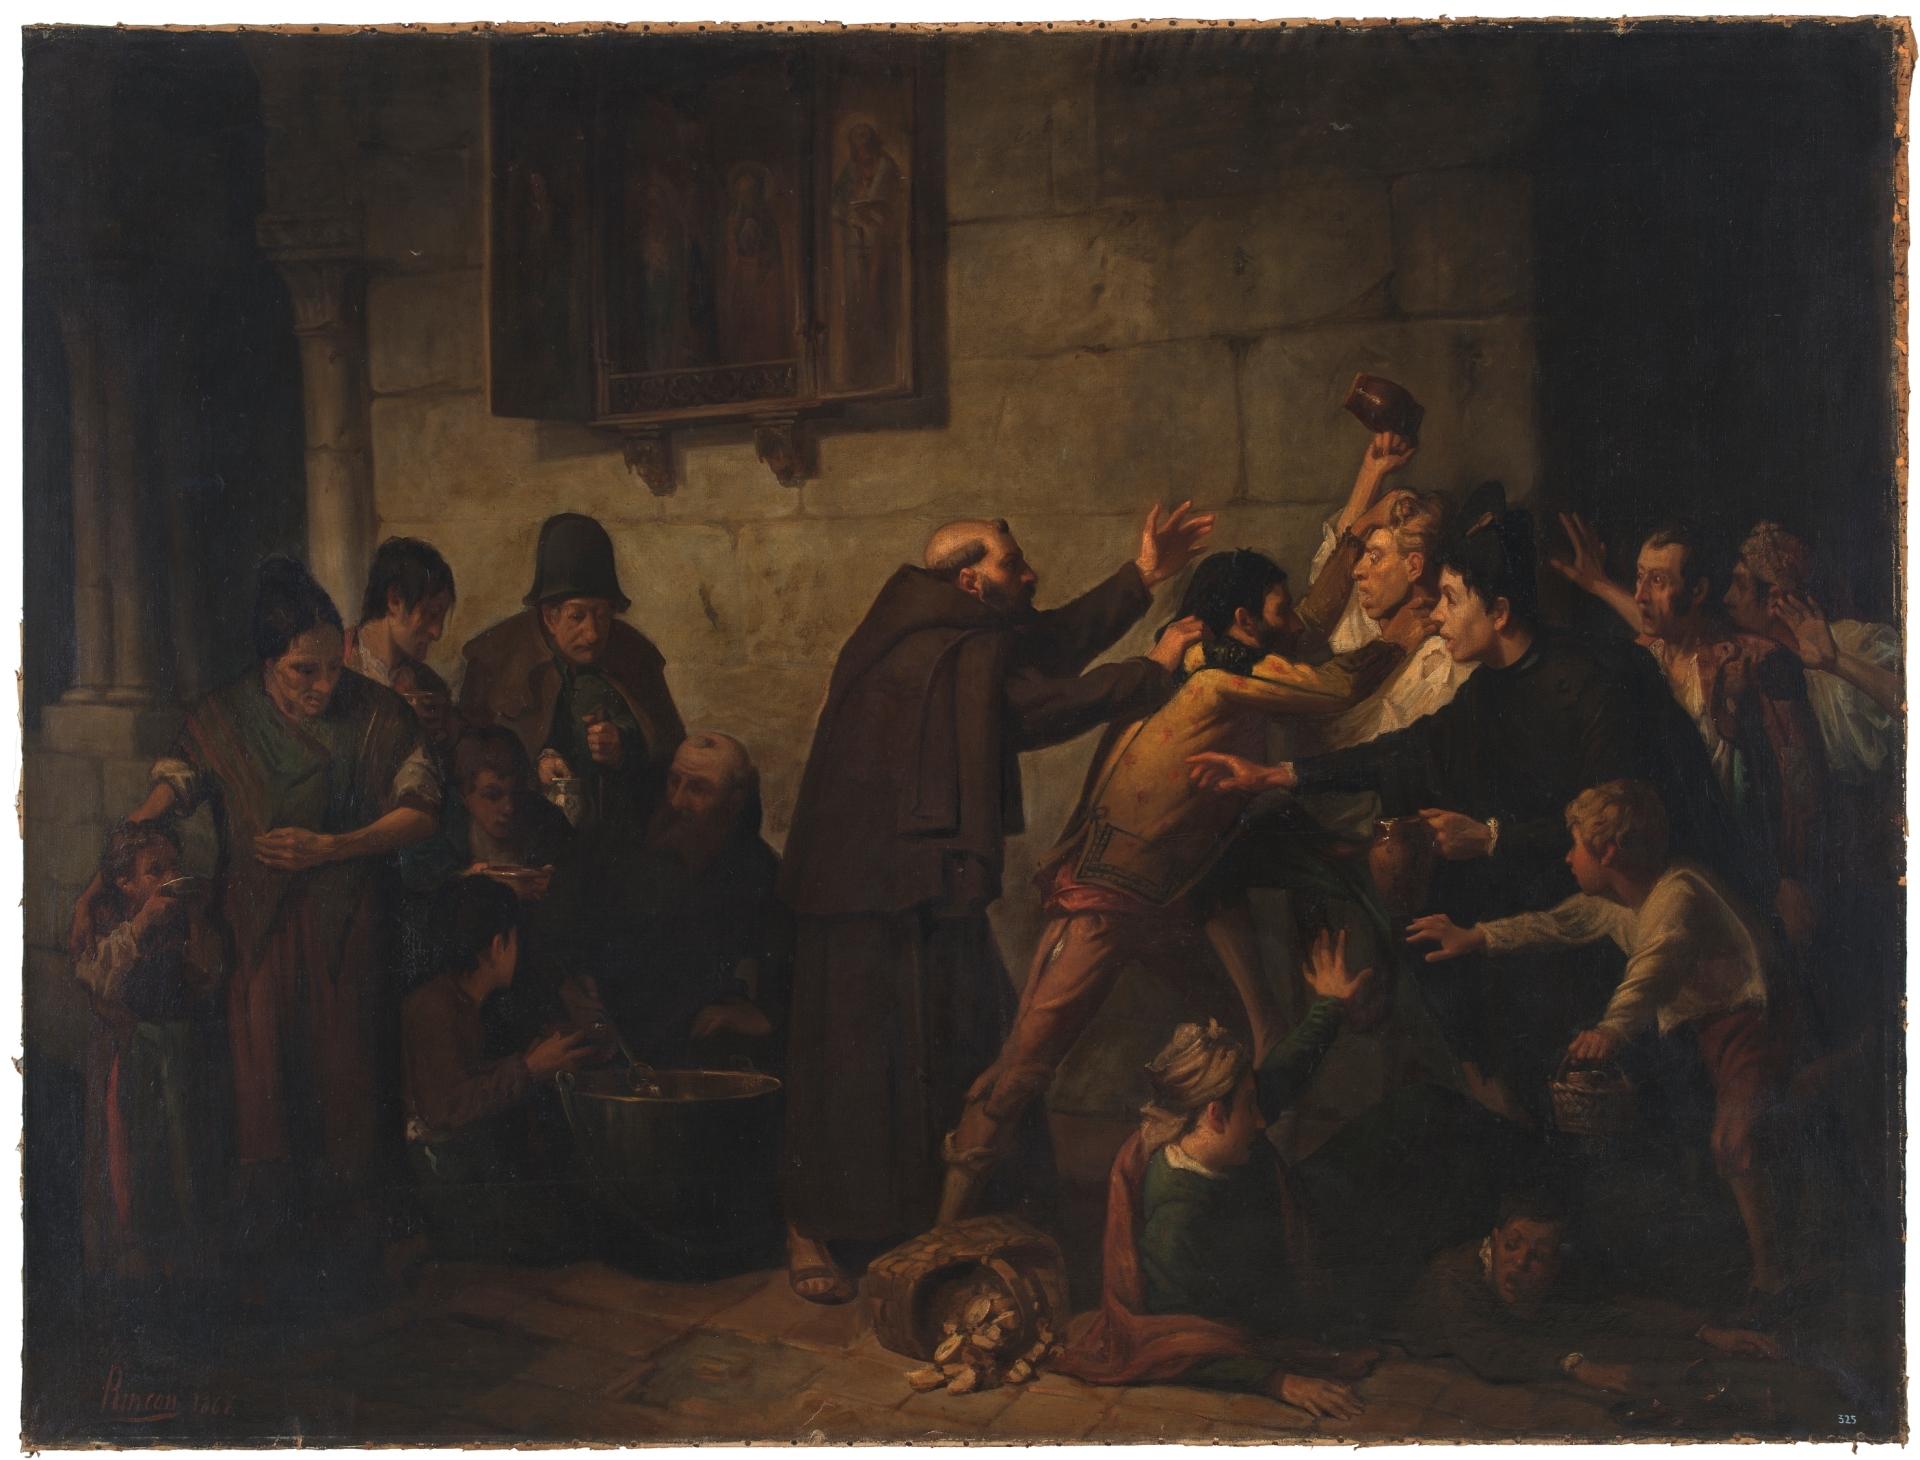 El reparto de la sopa en un convento de capuchinos (1866), de Serafín Martínez del Rincón y Trives